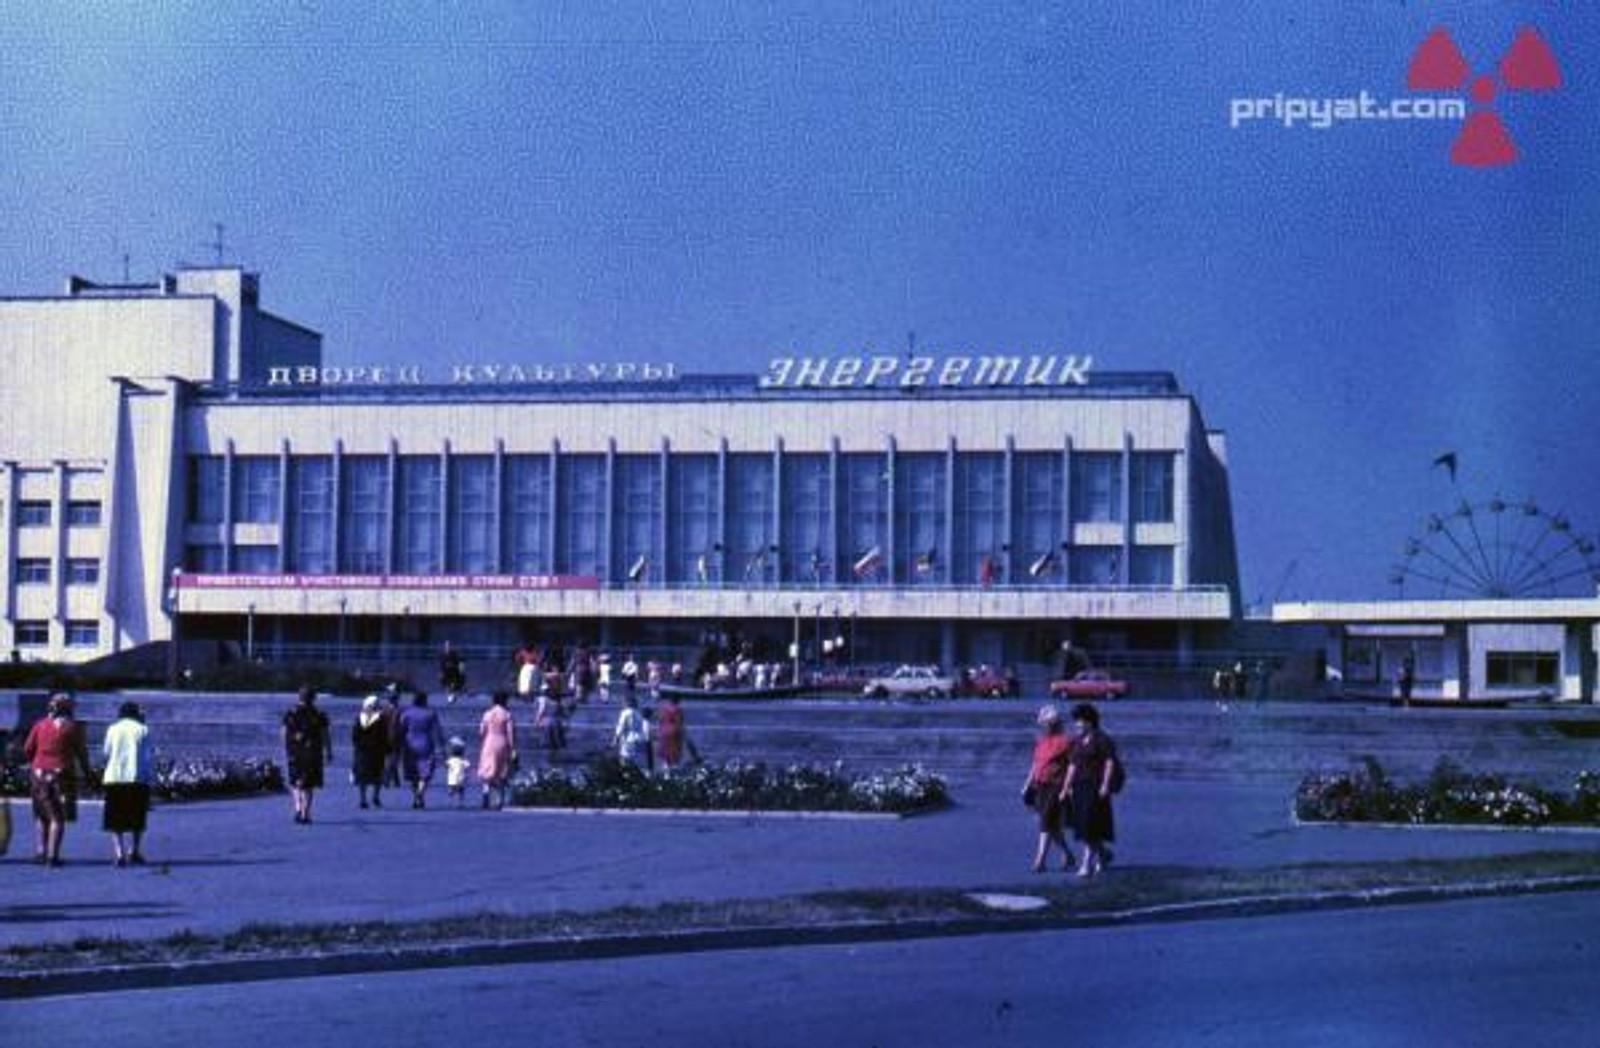 Kulturpalasset «Energetik» - slik det så ut før ulykken. «Energetik» hadde blant annet en kino, en teatersal, en idrettshall, en dansehall, møterom, bokse- og bryterom og en skytebane i kjelleren.